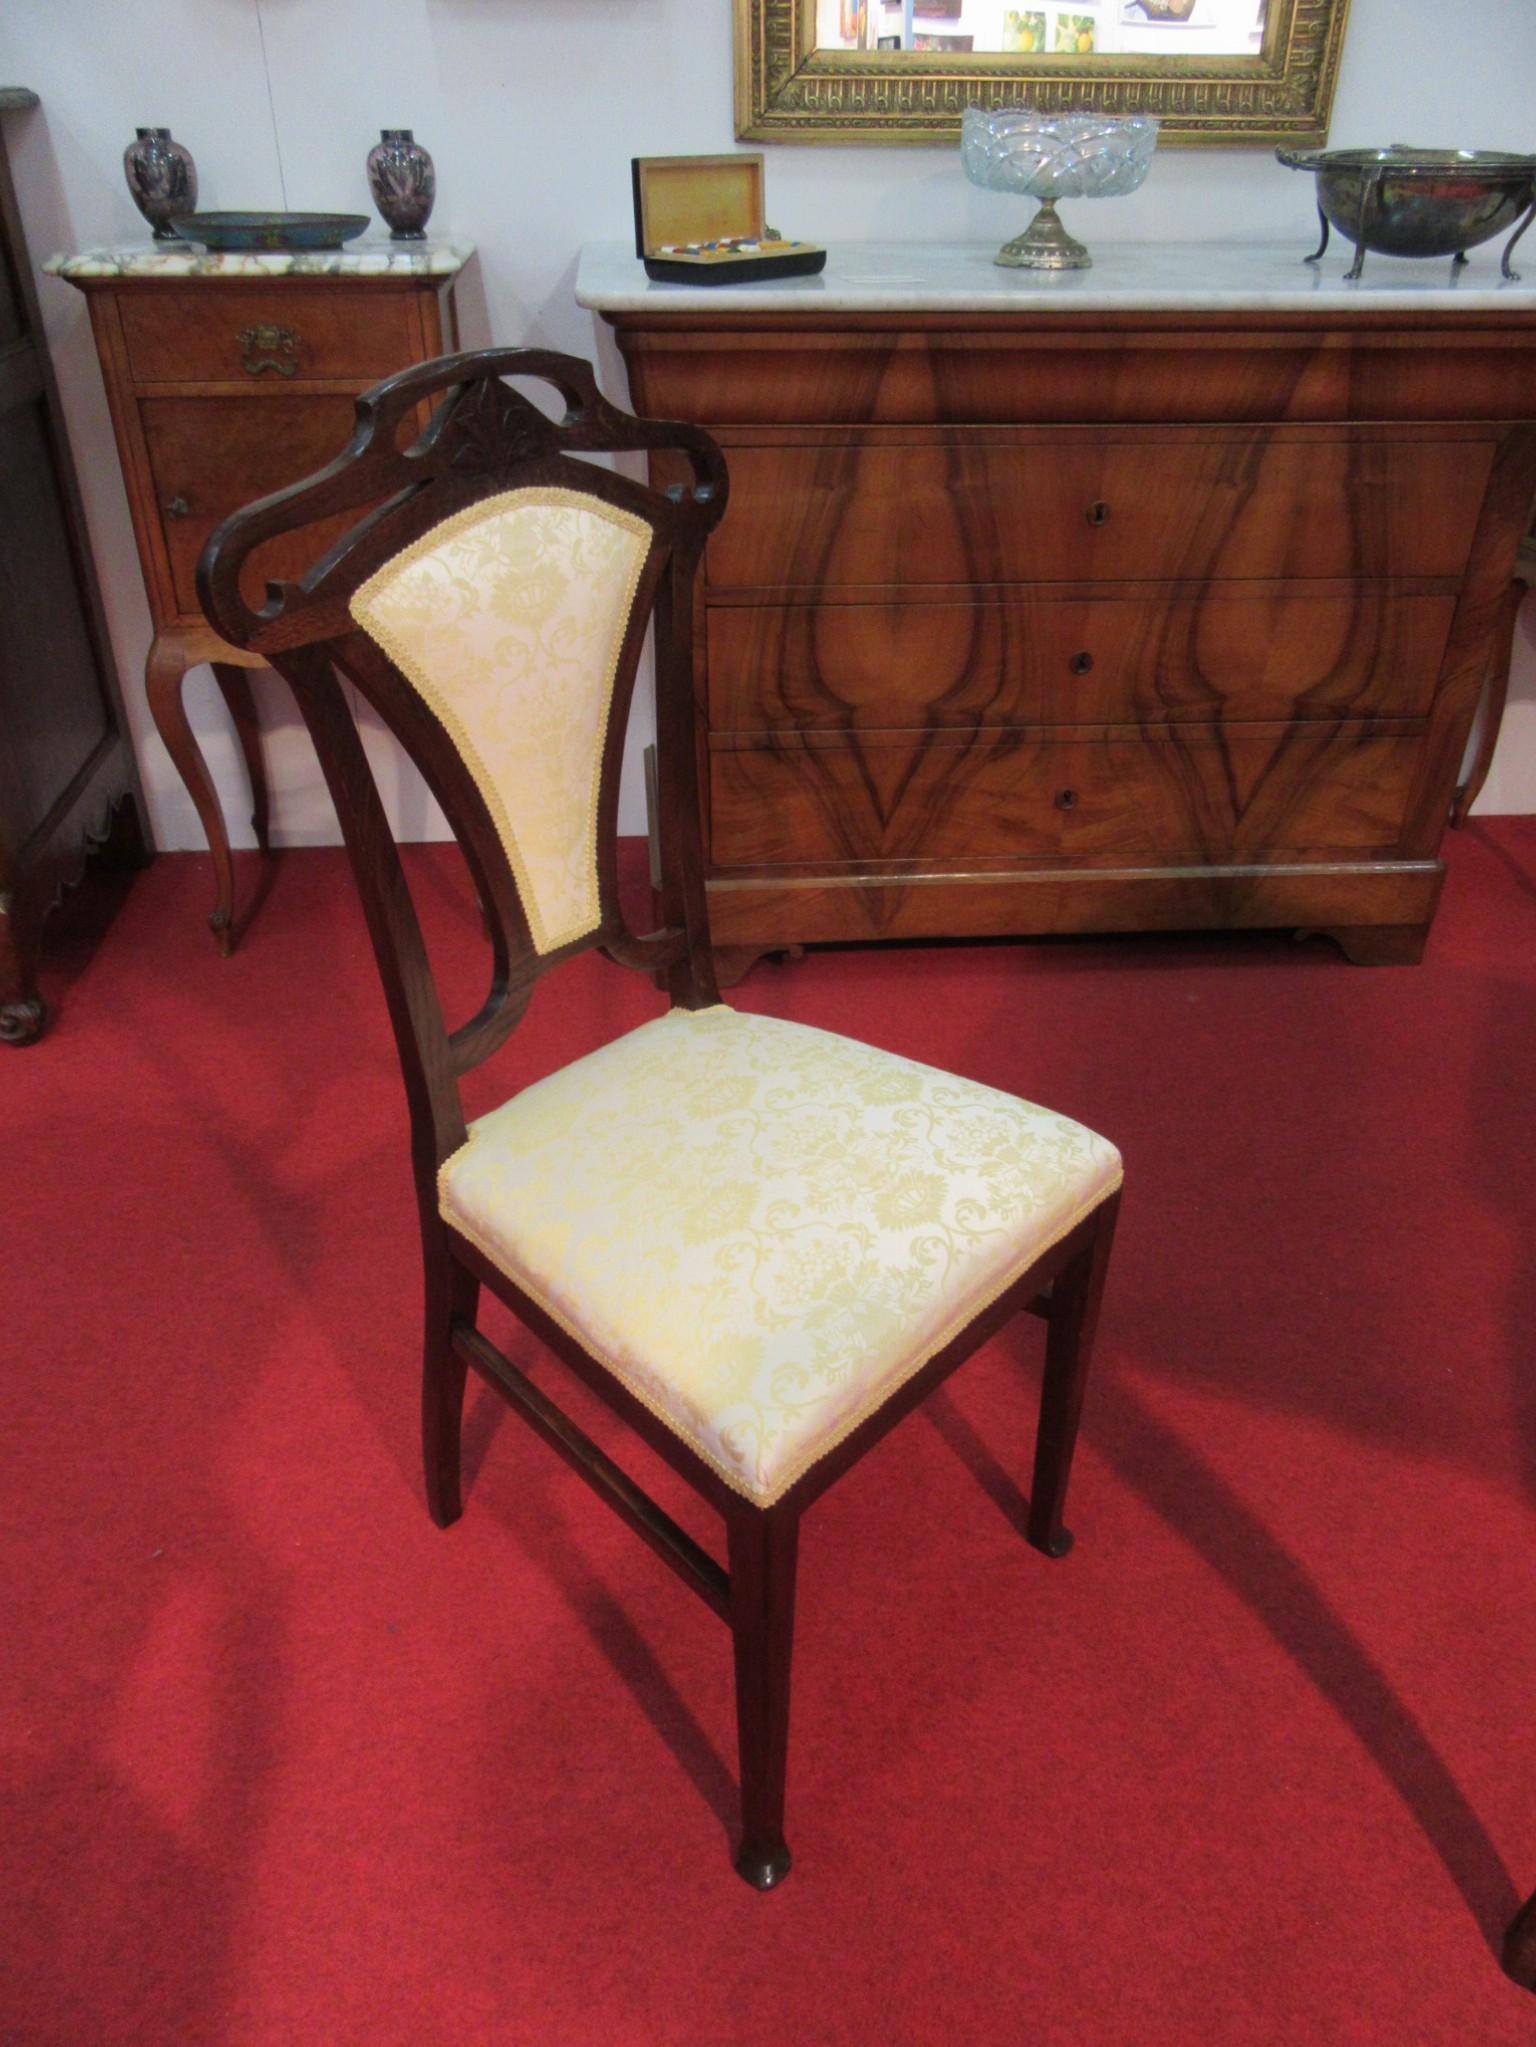 Divani poltrone sedie arredamento mobili antiquariato for Mobili antiquariato